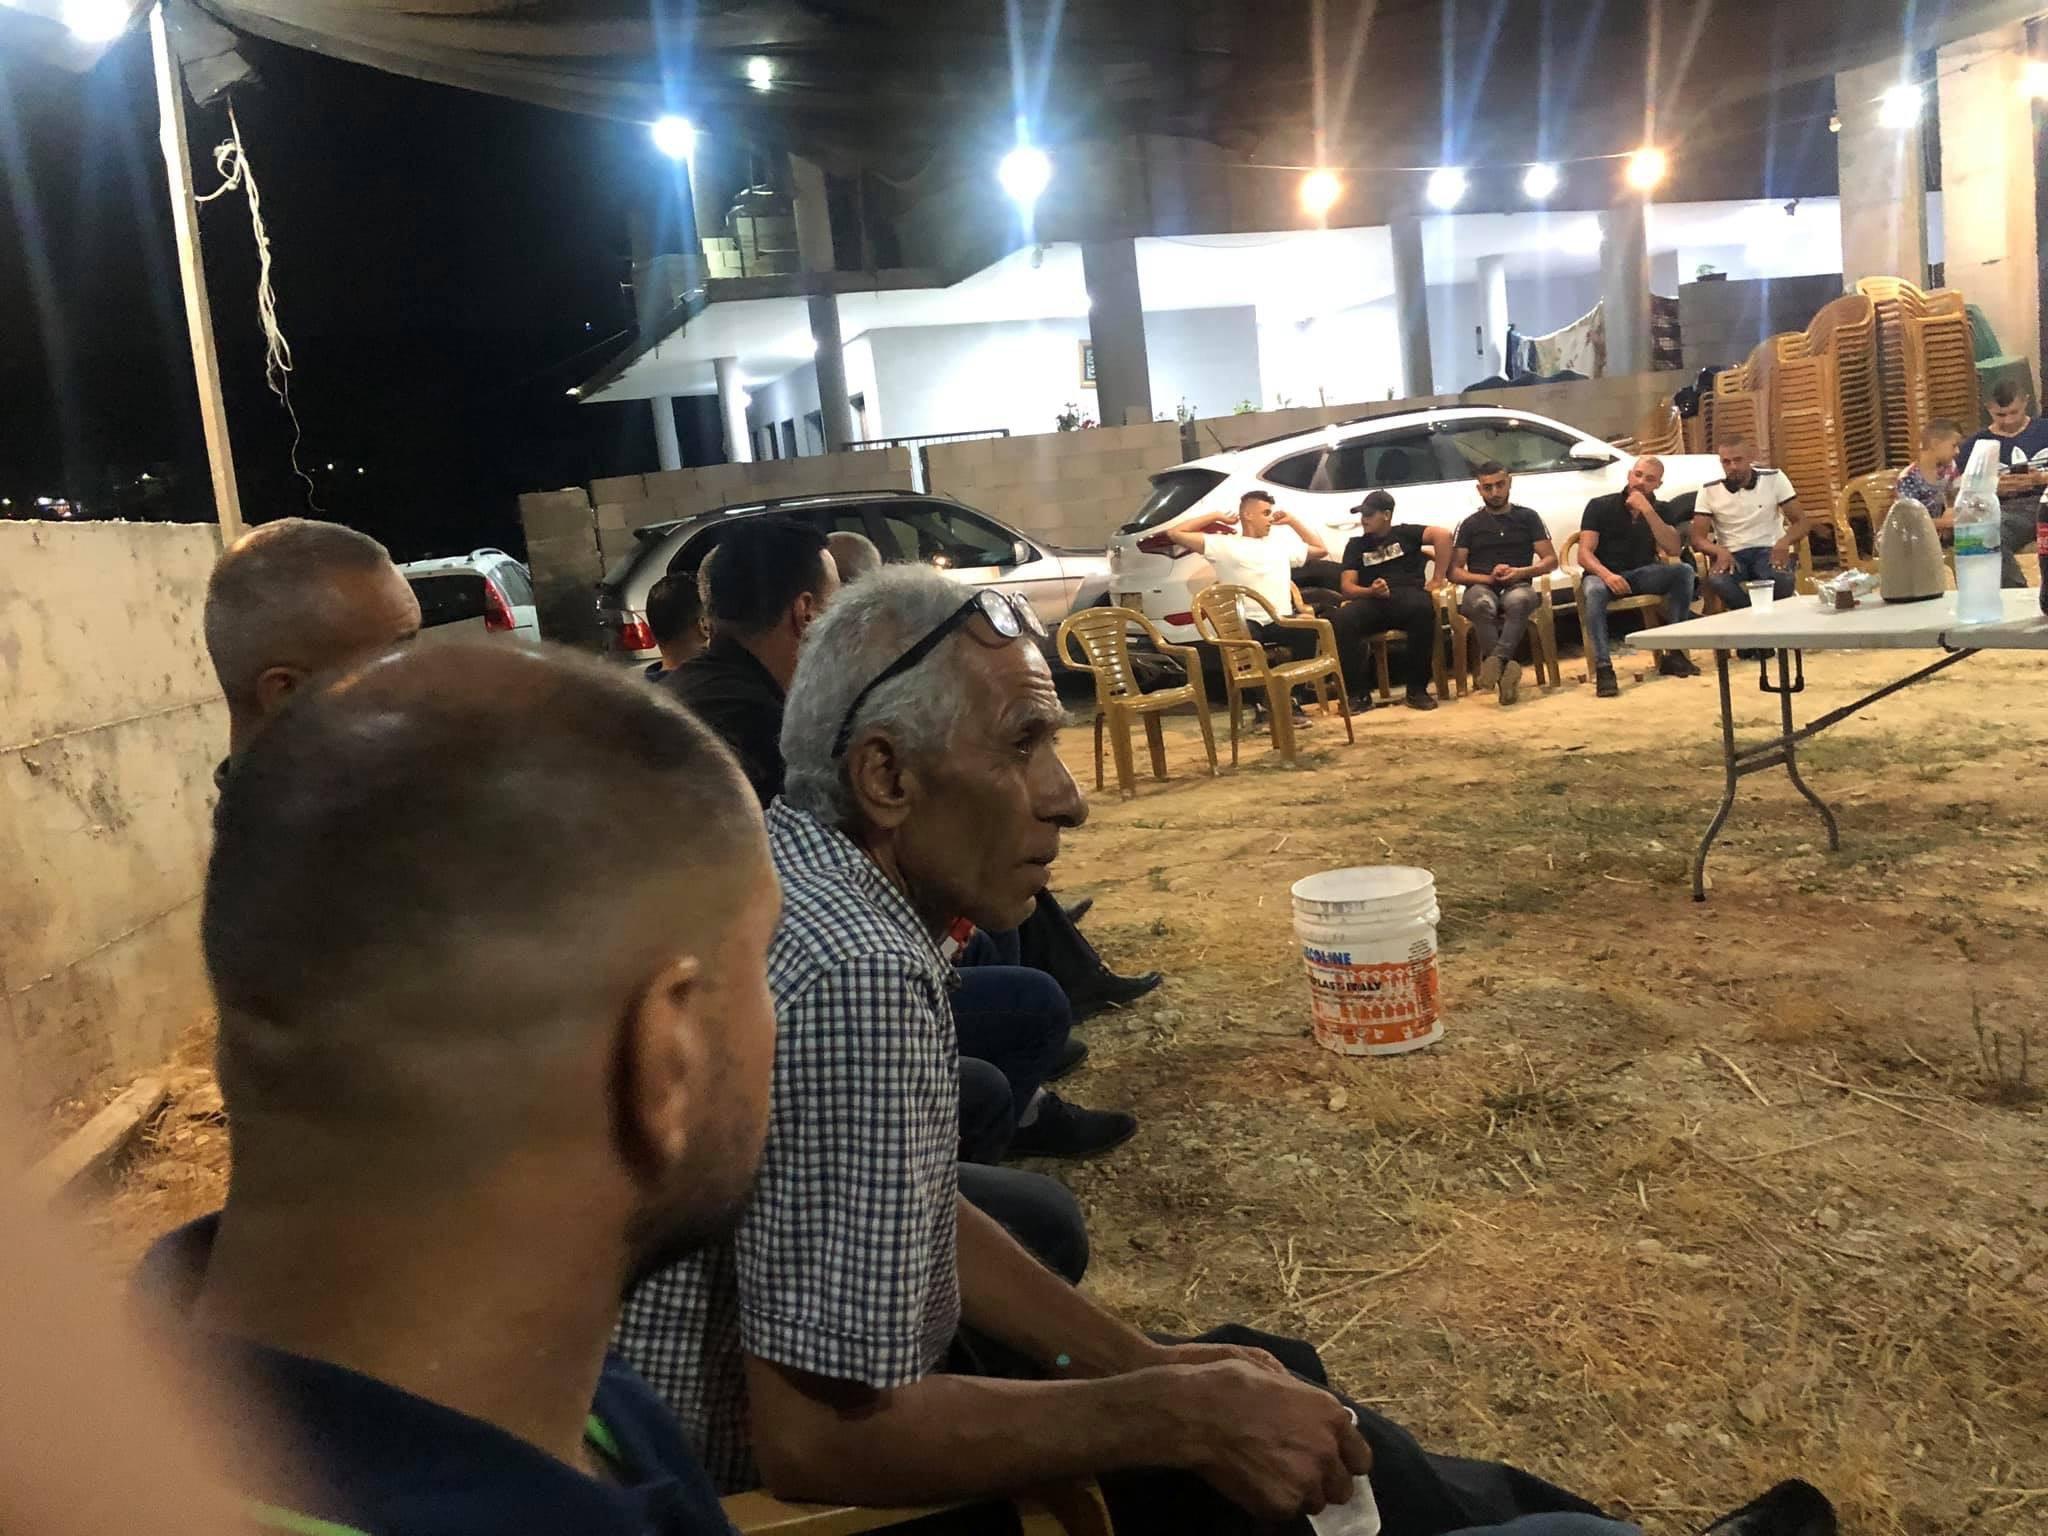 مناشدات بالتواجد في خيمة الاعتصام قرب بيوت ابراهيم مرزوق في عرعرة